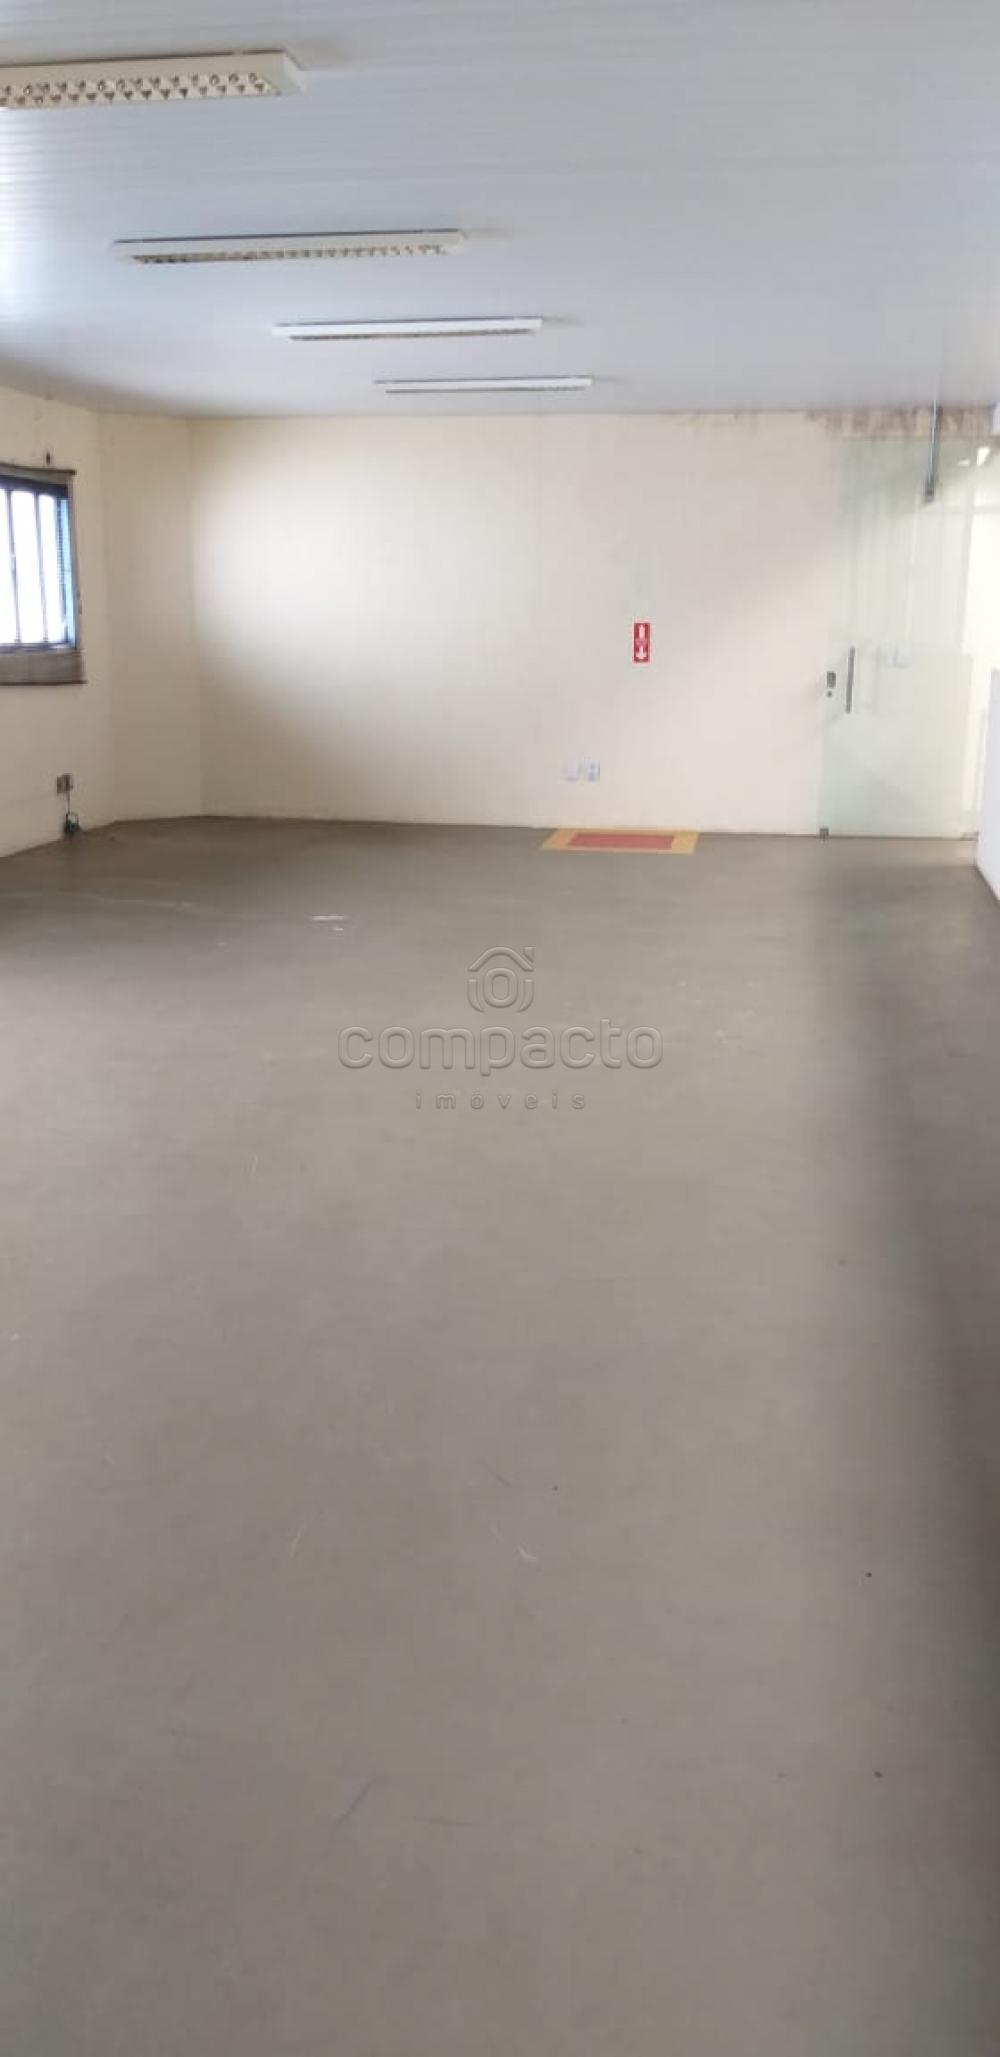 Alugar Comercial / Barracão em São José do Rio Preto apenas R$ 5.700,00 - Foto 14